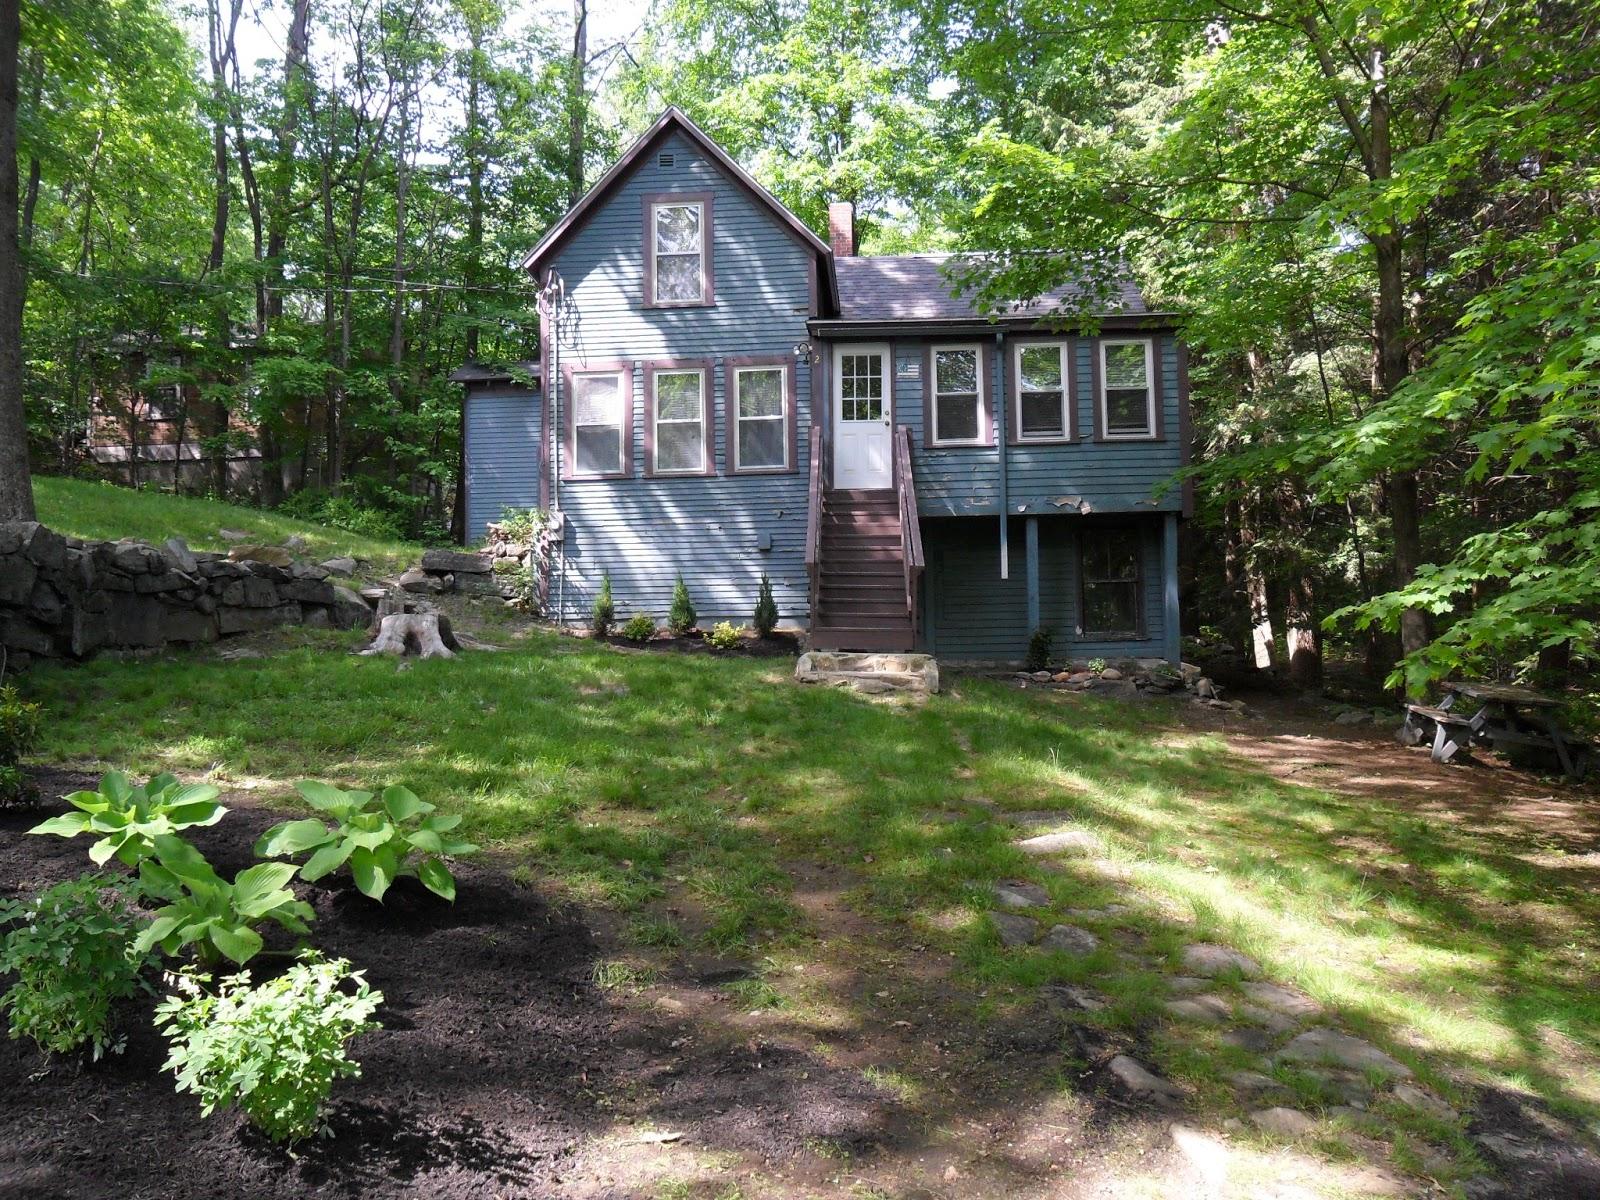 Loft cottage choosing exterior paint colors for the cabin for Cottage colours exterior paints